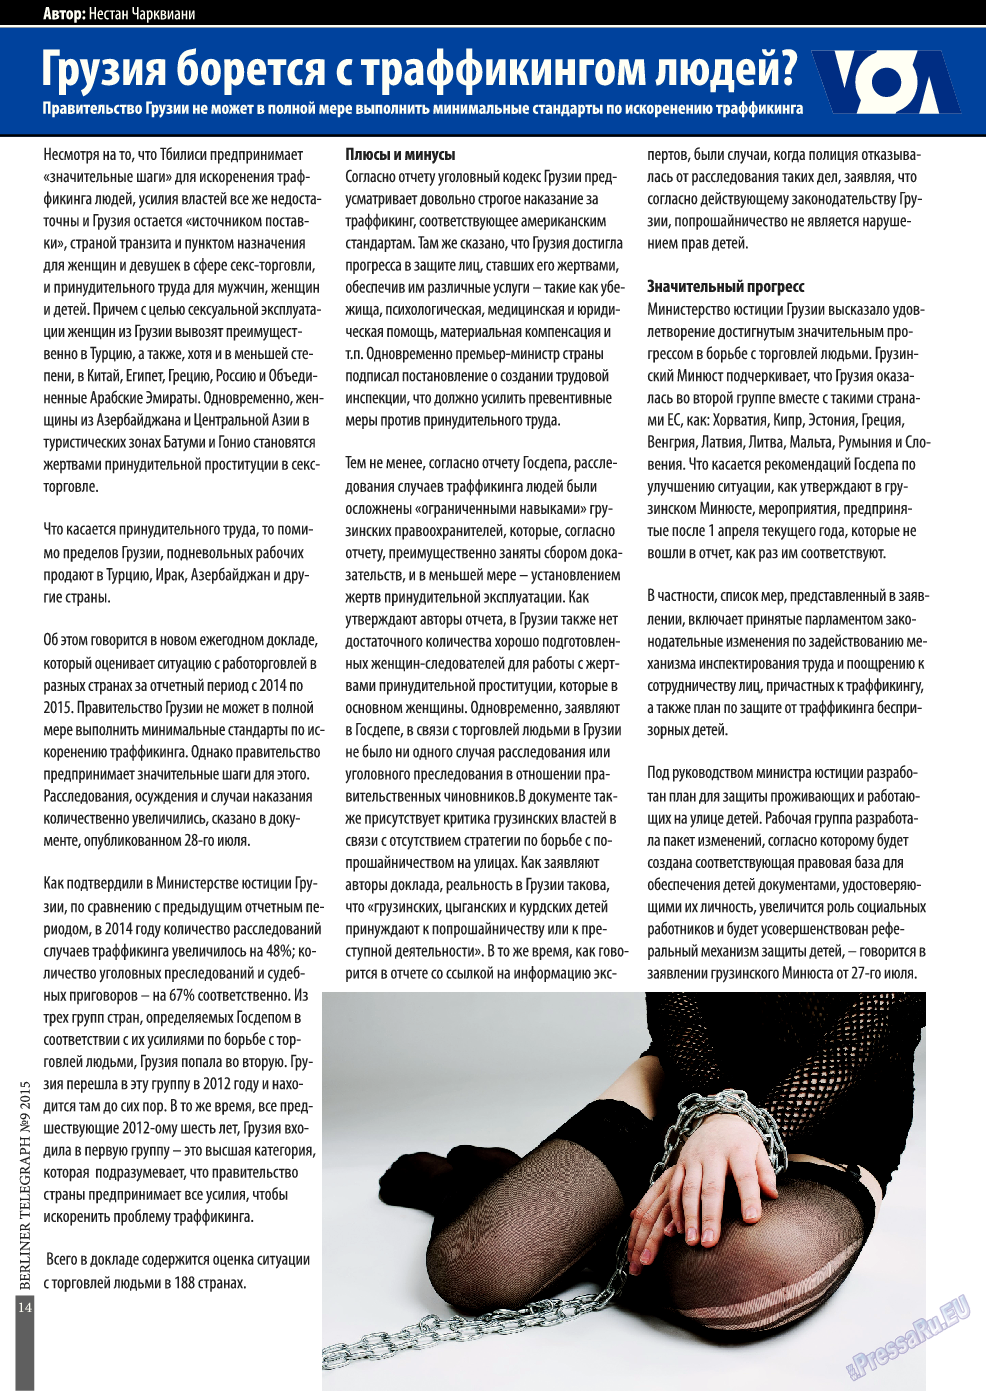 Берлинский телеграф (журнал). 2015 год, номер 9, стр. 14